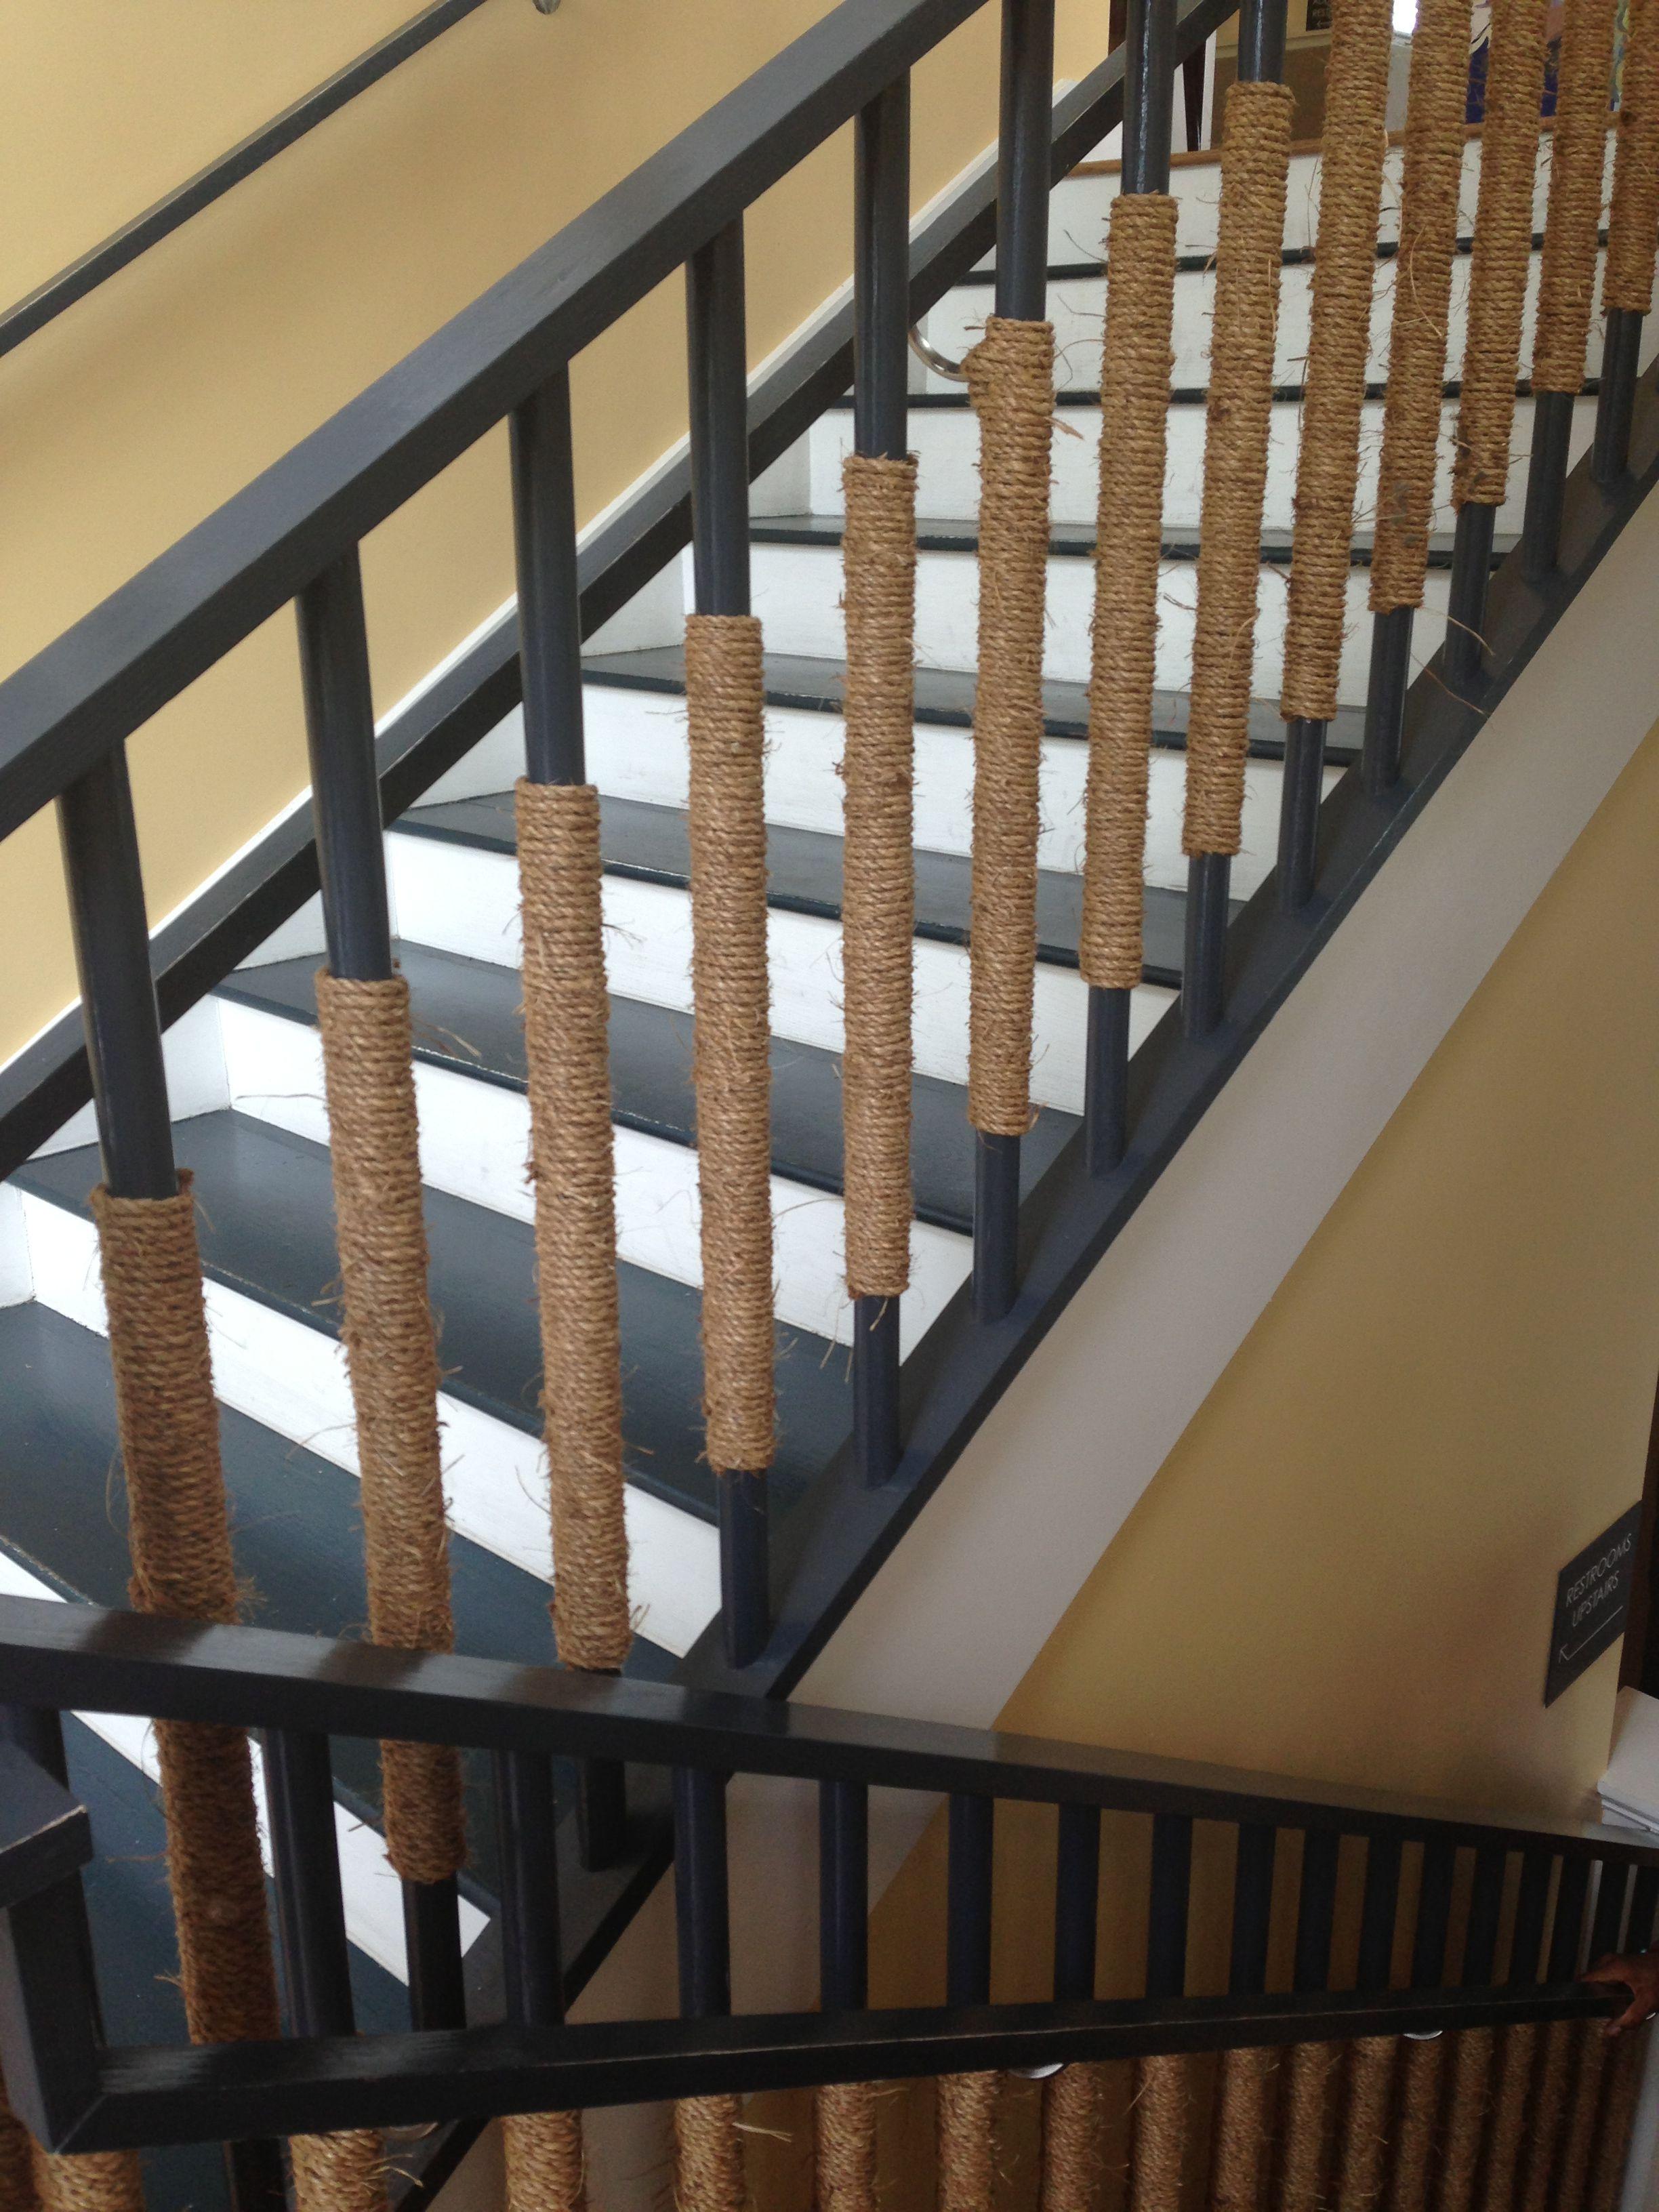 Hotel Stair Rail